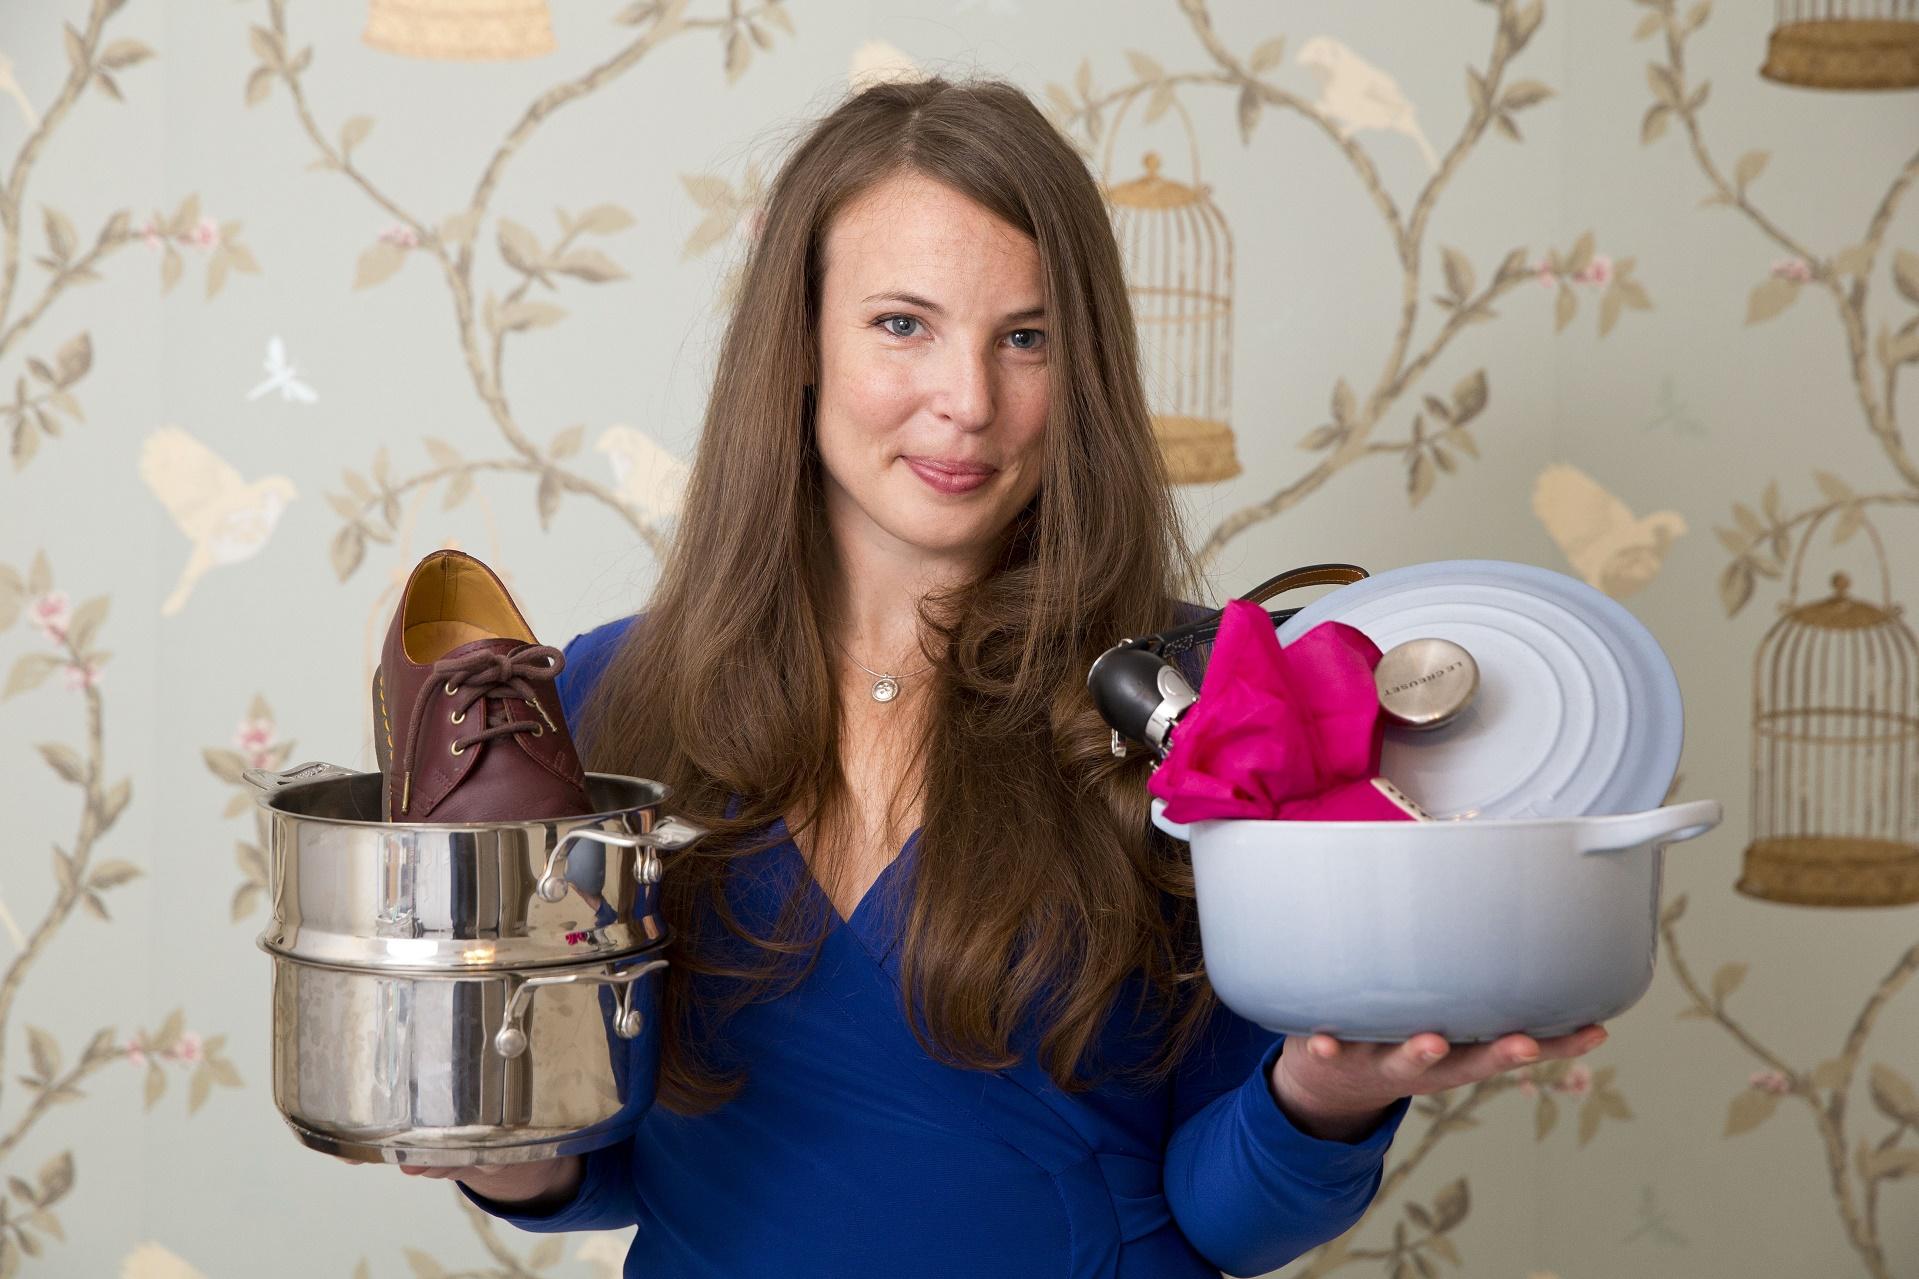 """A inglesa Tara Button trabalhava como redatora numa agência de publicidade chamada """"krow"""", antes de decidir abrir a """"BuyMeOnce"""""""